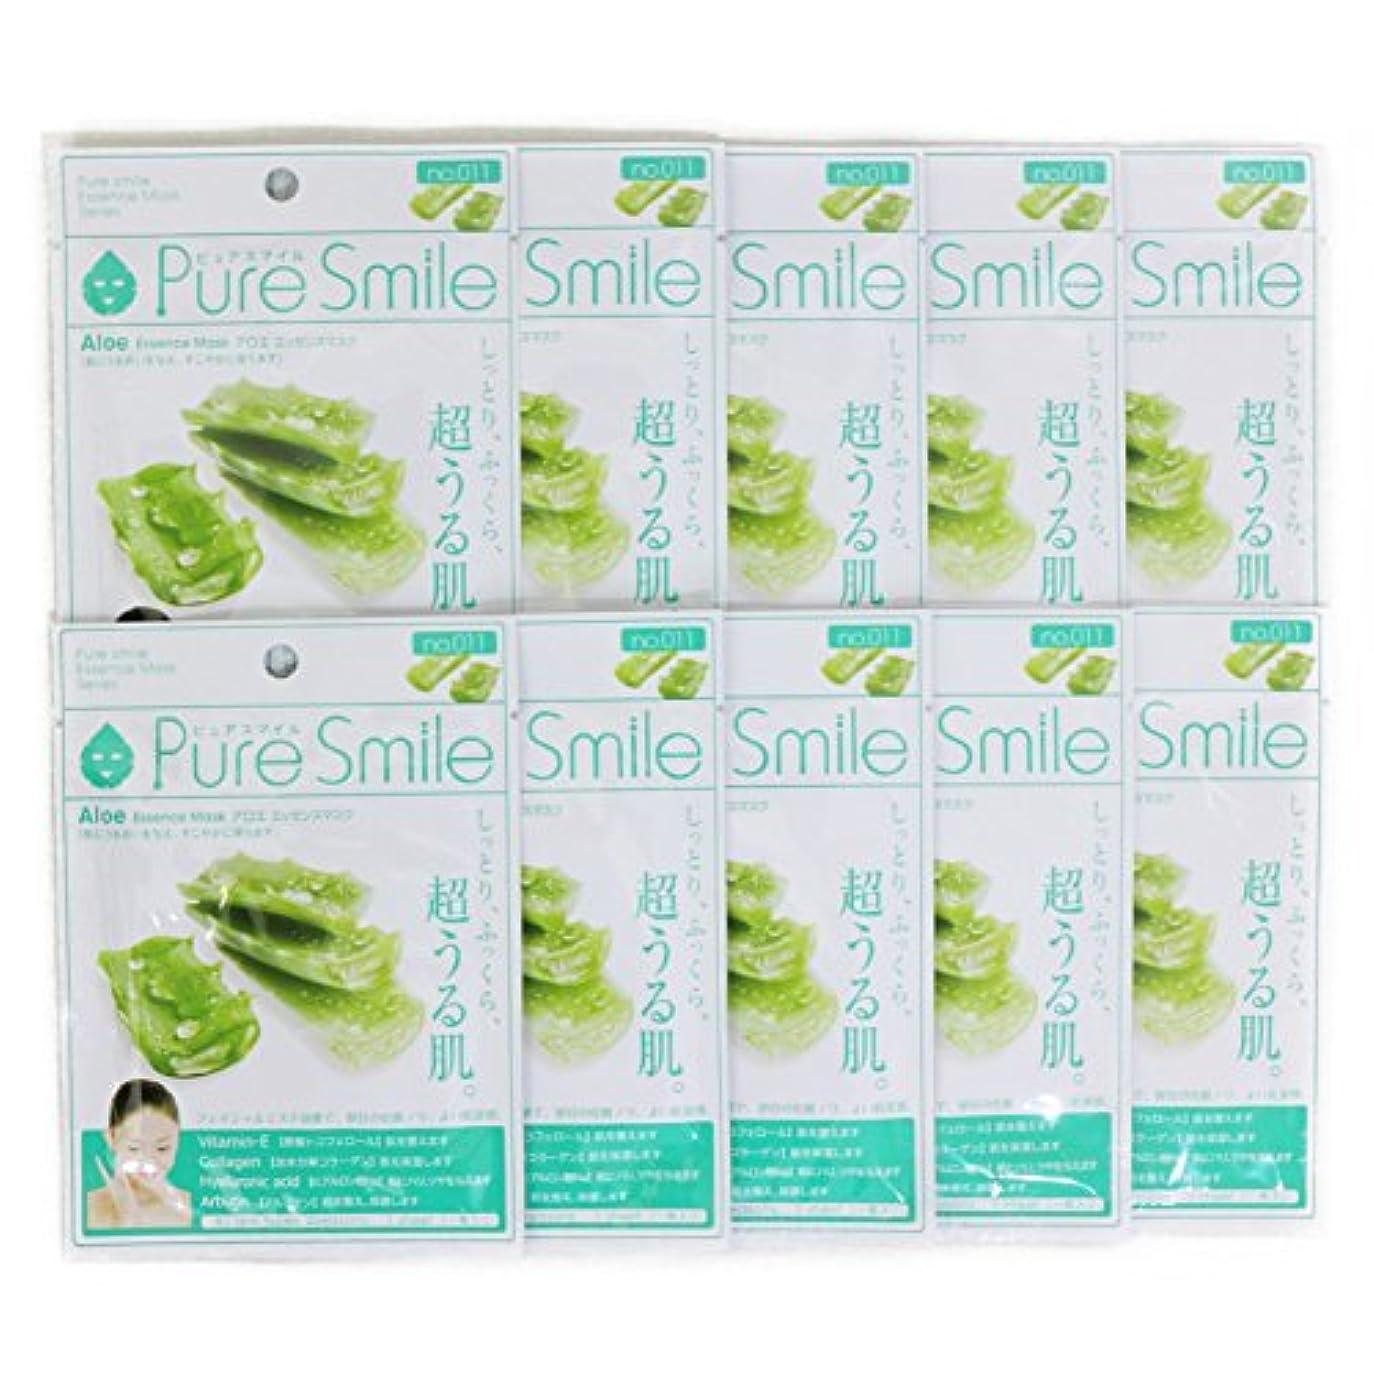 ドレスタクシー悲惨Pure Smile ピュアスマイル エッセンスマスク アロエ 10枚セット